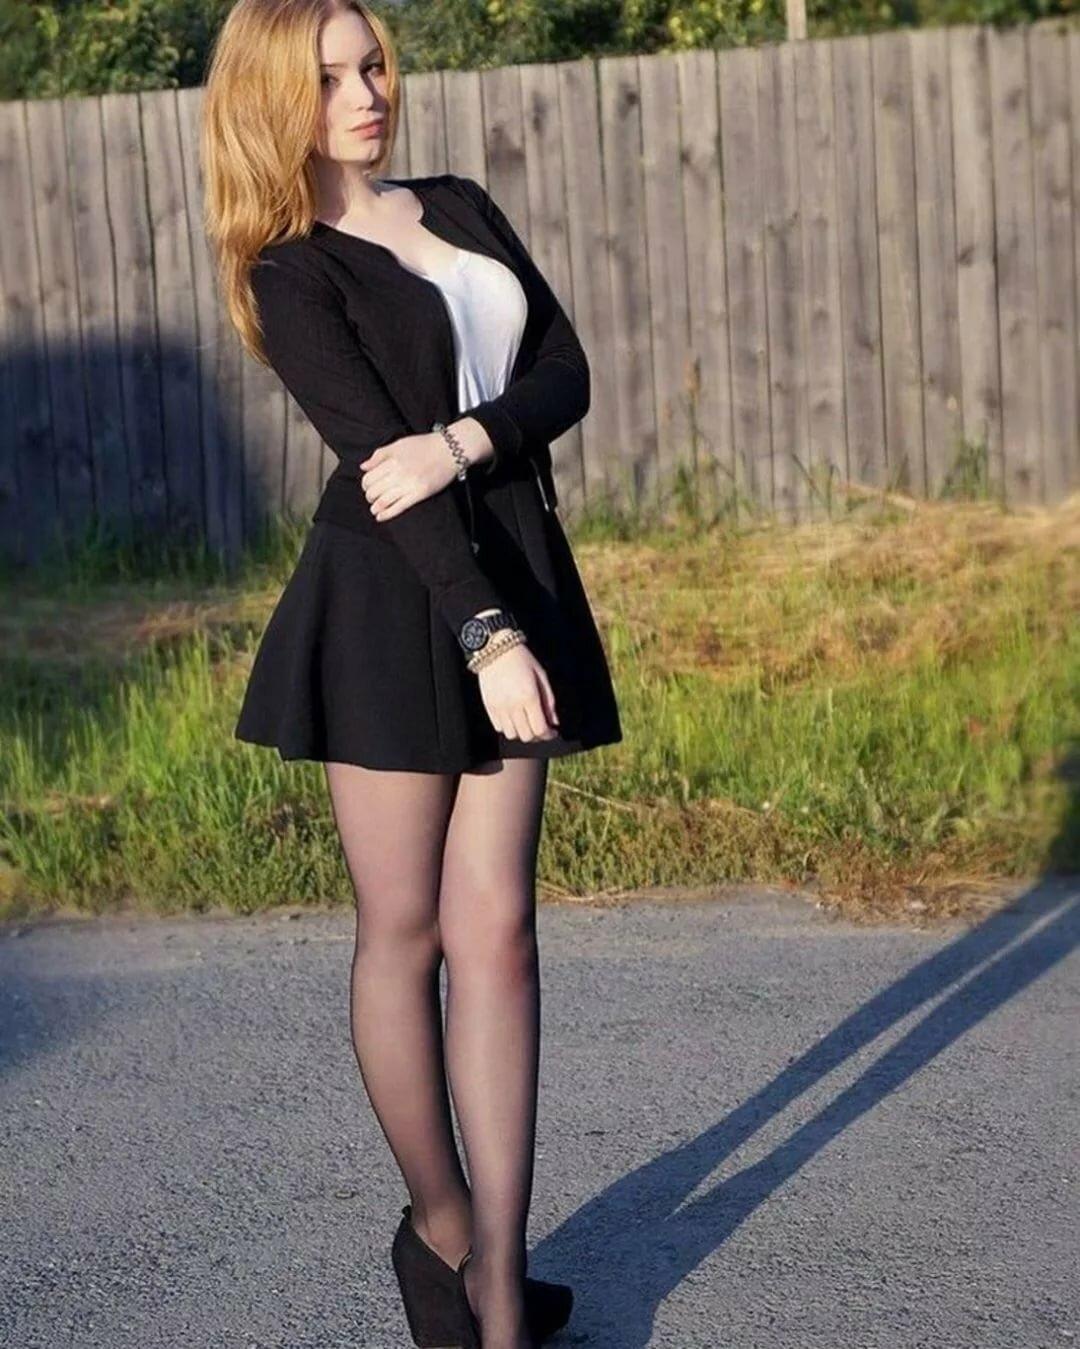 Красивые девушки в коротких юбках и черных чулках фото